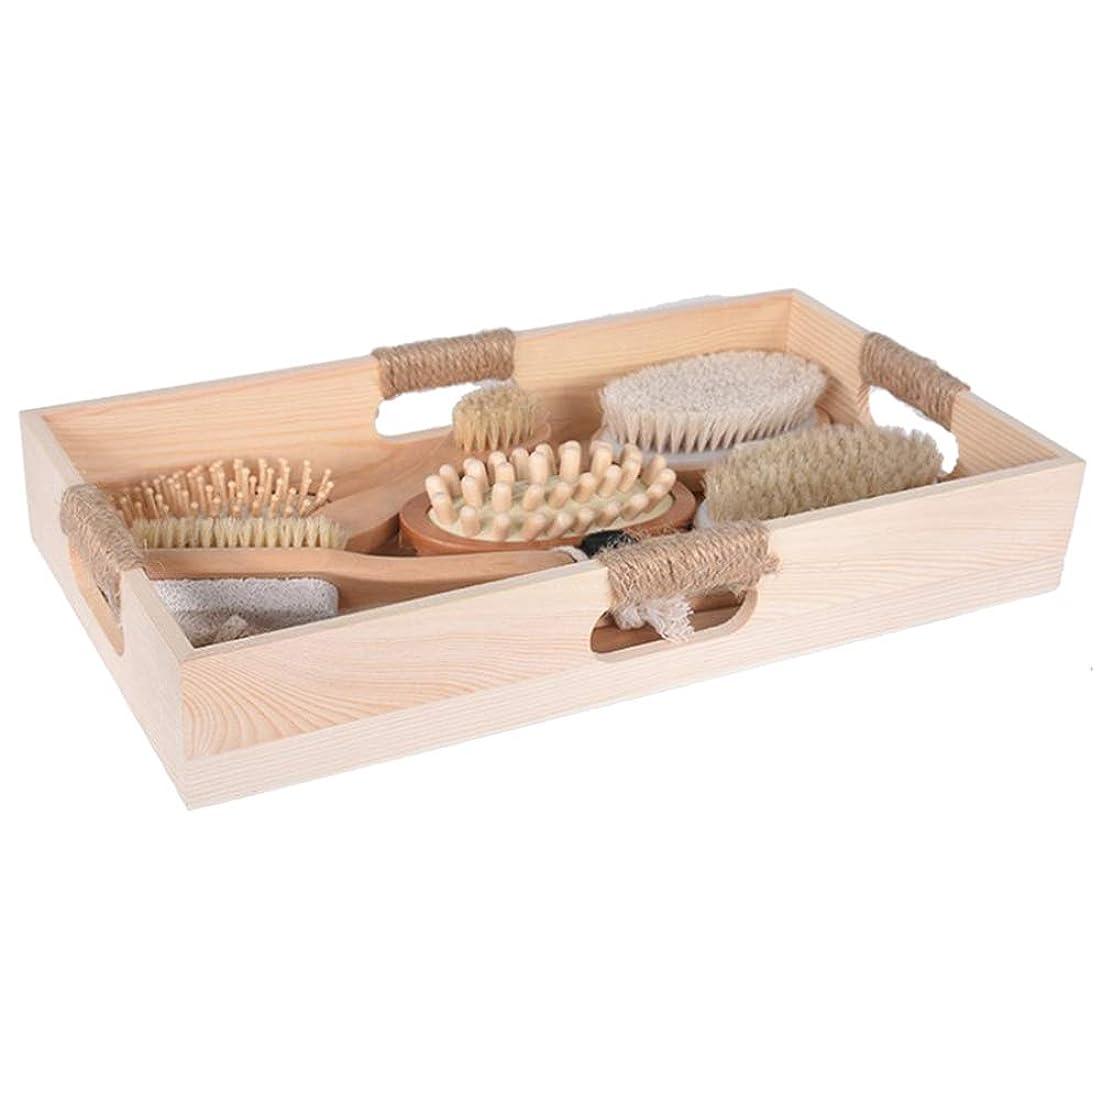 ピンチ不変ベリHealifty 6ピース入浴ボディブラシマッサージブラシ木製ハンドルセルライトマッサージフットファイルブラシヘアマッサージ櫛で収納トレイ